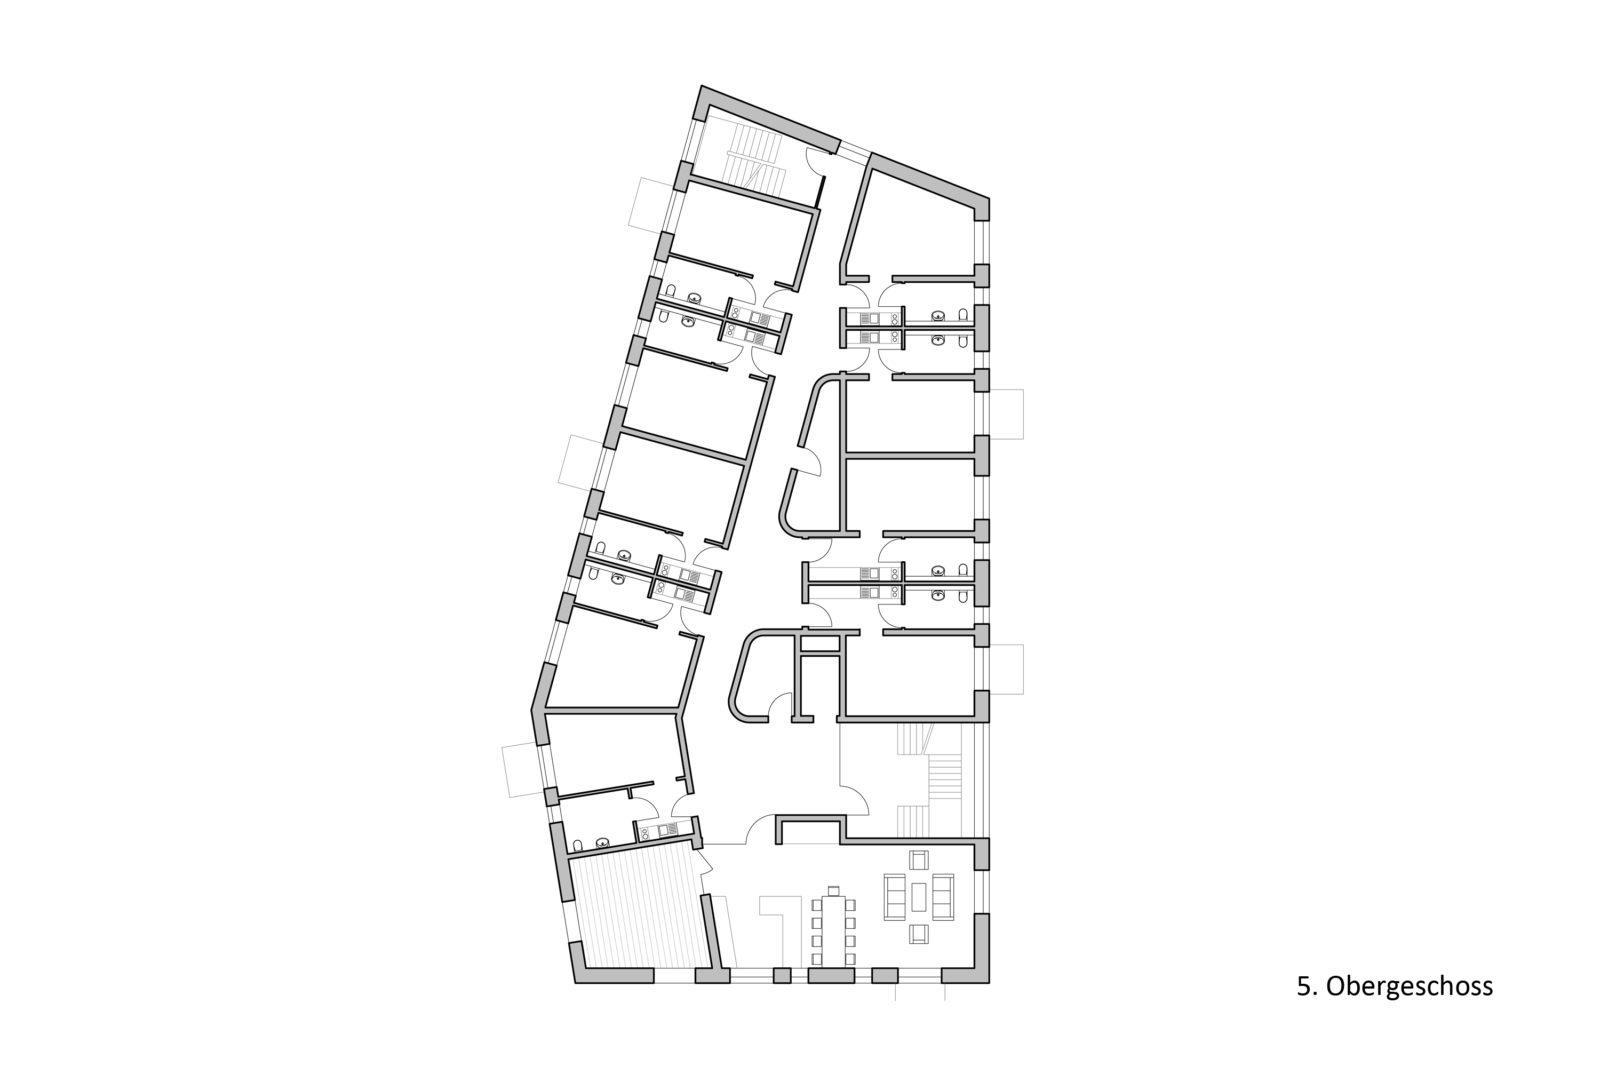 Neubau Altenwohnheim in Leipzig, Eutritzsch - 5. Obergeschoss